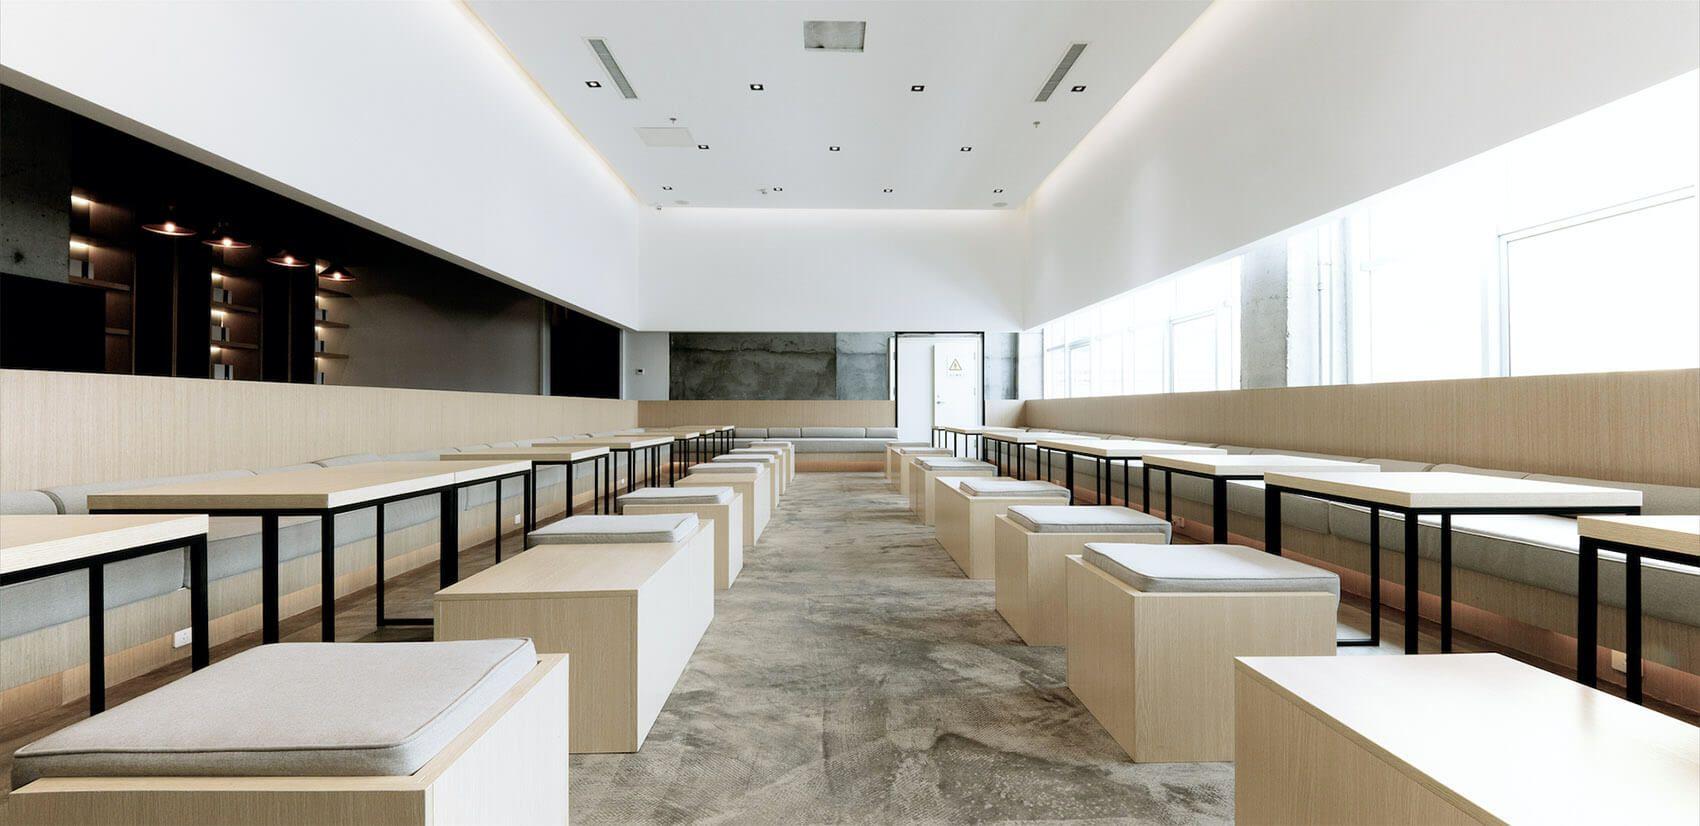 时尚工业风:北京服装学院容成时尚创意产业园办公空间设计| - 4